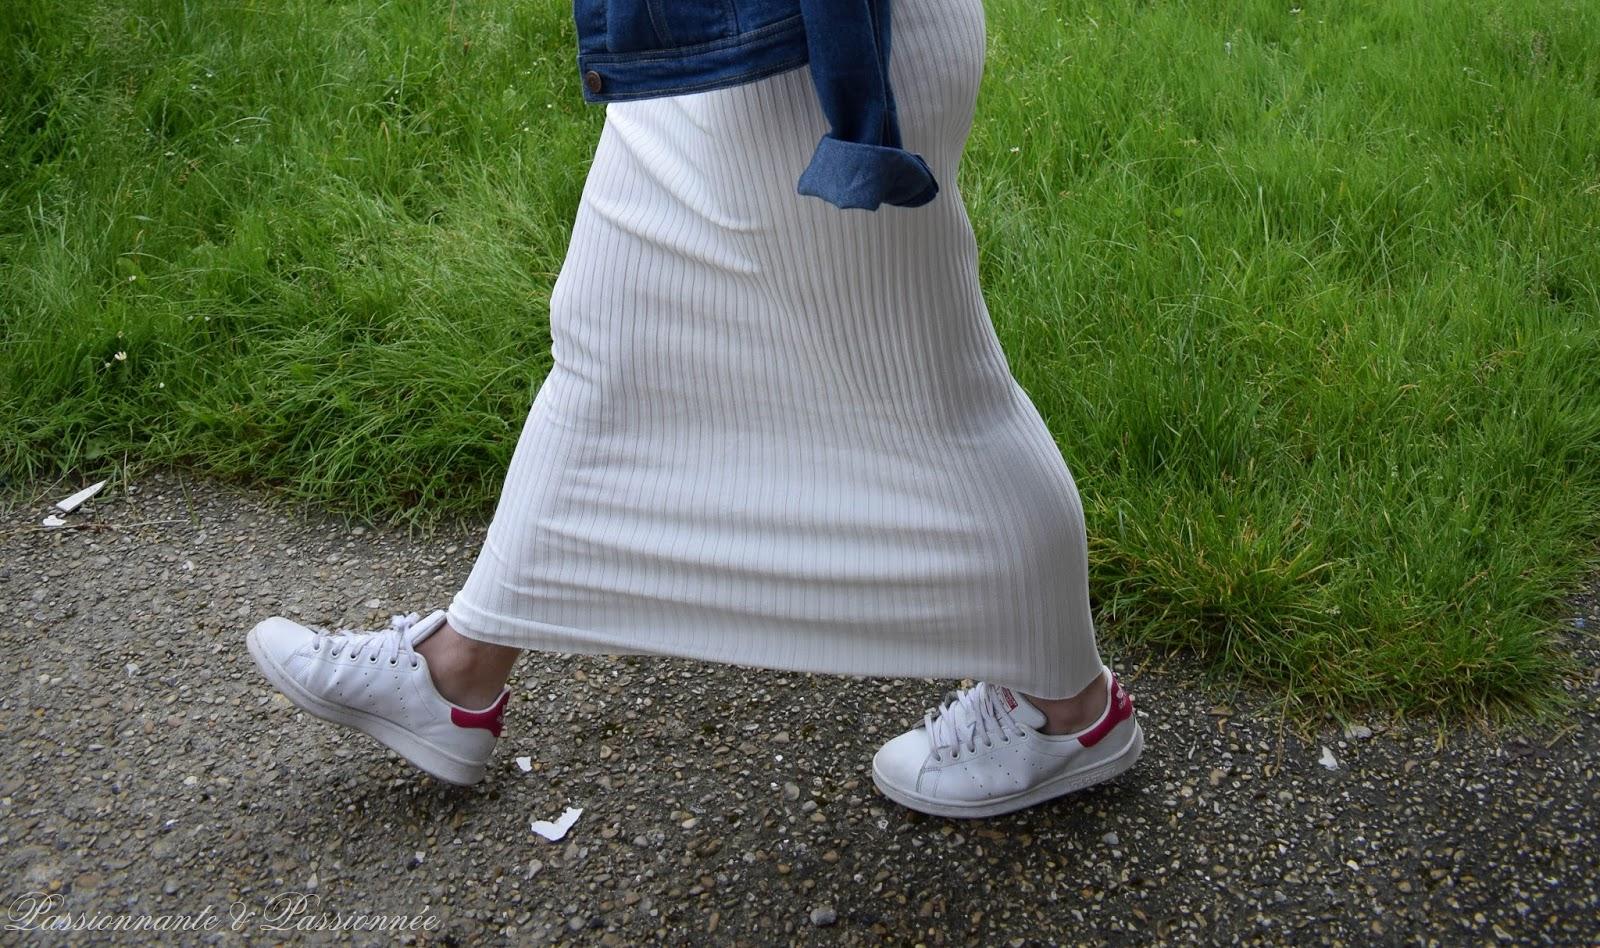 robe longue et baskets